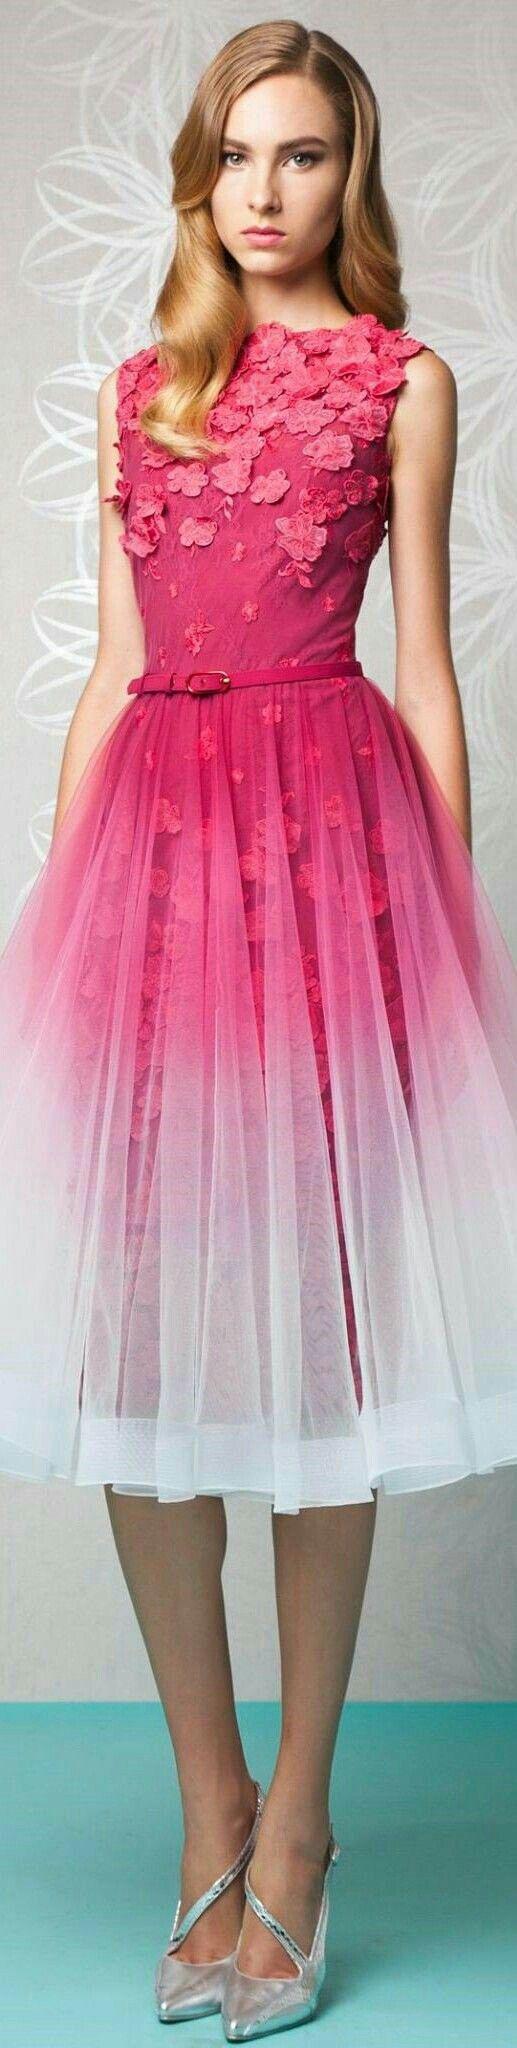 Vistoso Vestidos De Fiesta Alternativos Molde - Ideas de Vestido ...